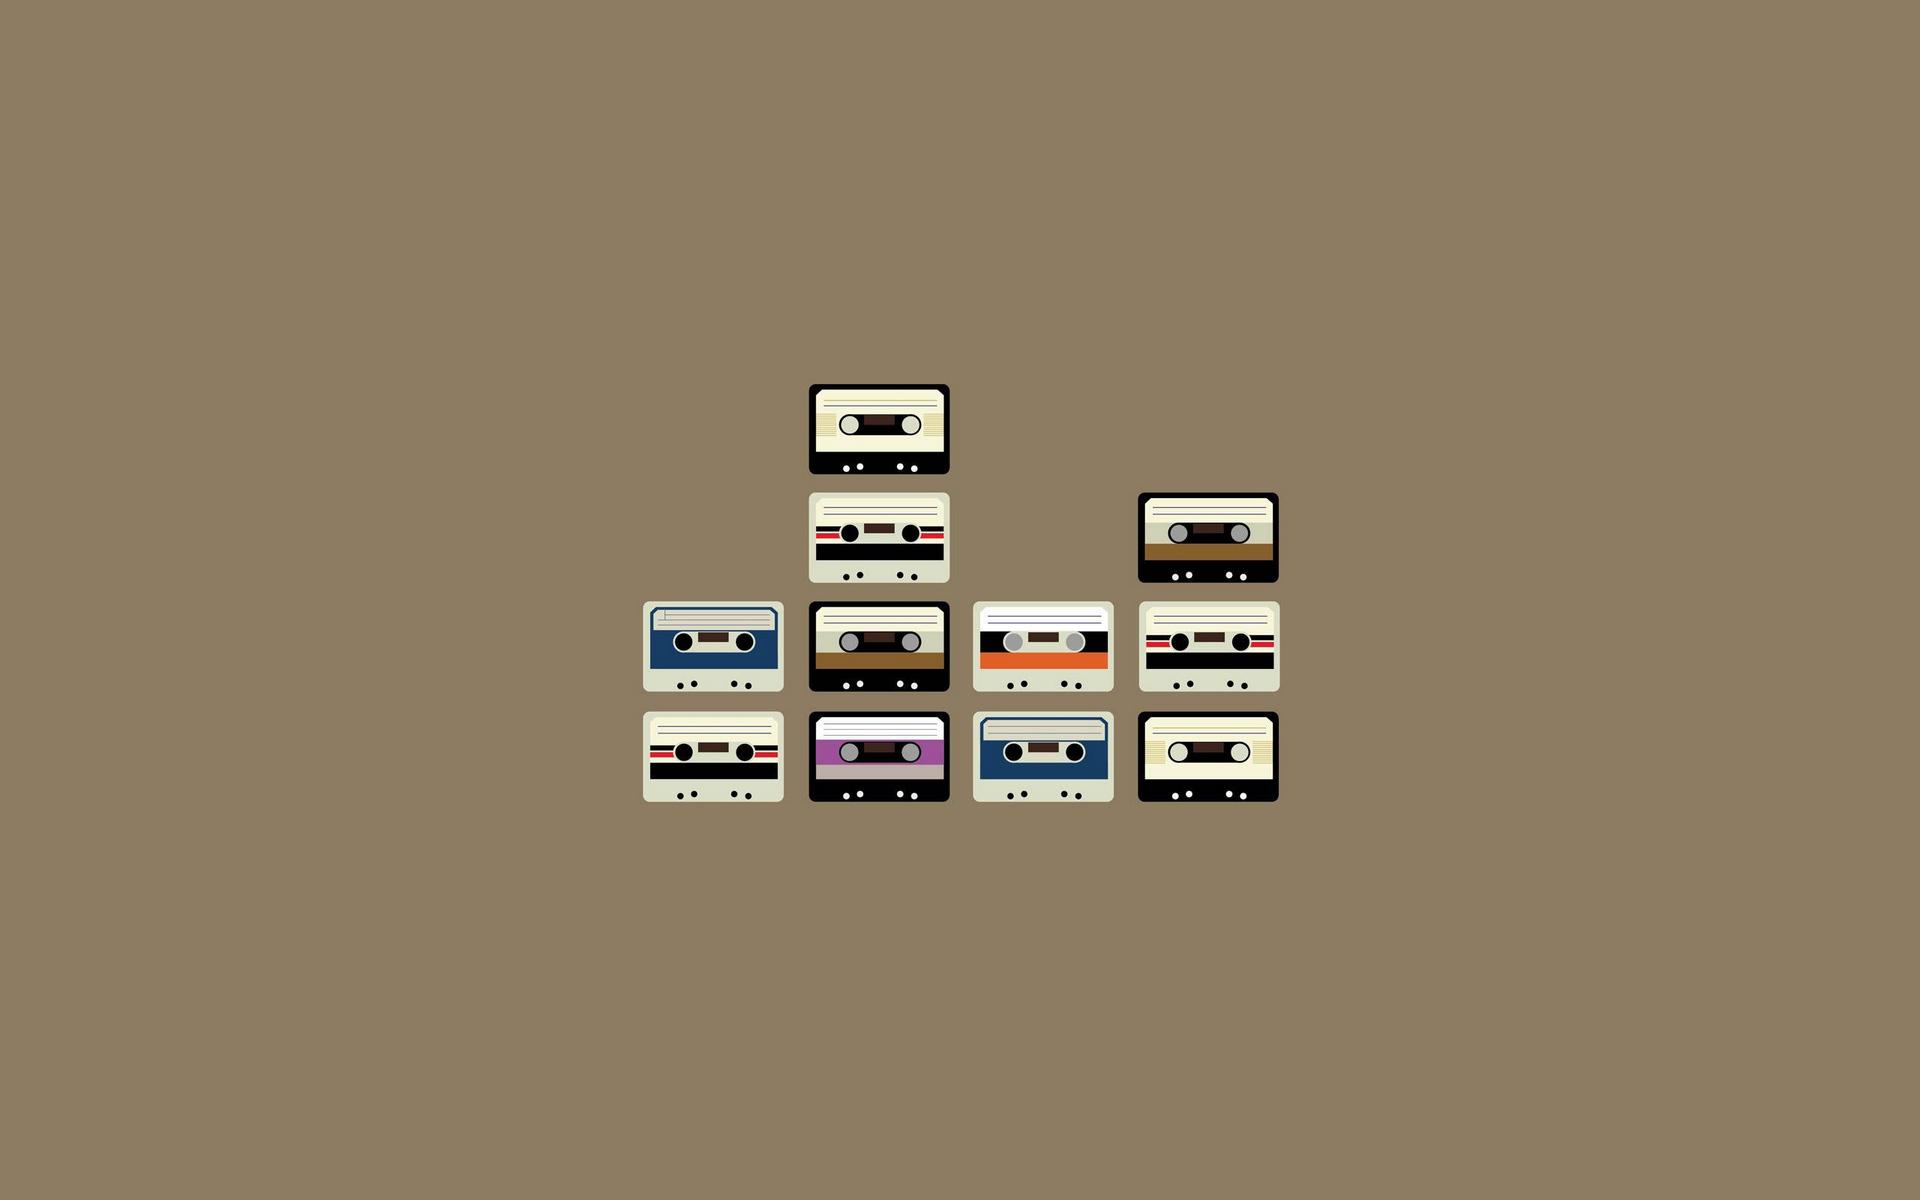 обои аудиокассеты, музыка, фон серый картинки фото